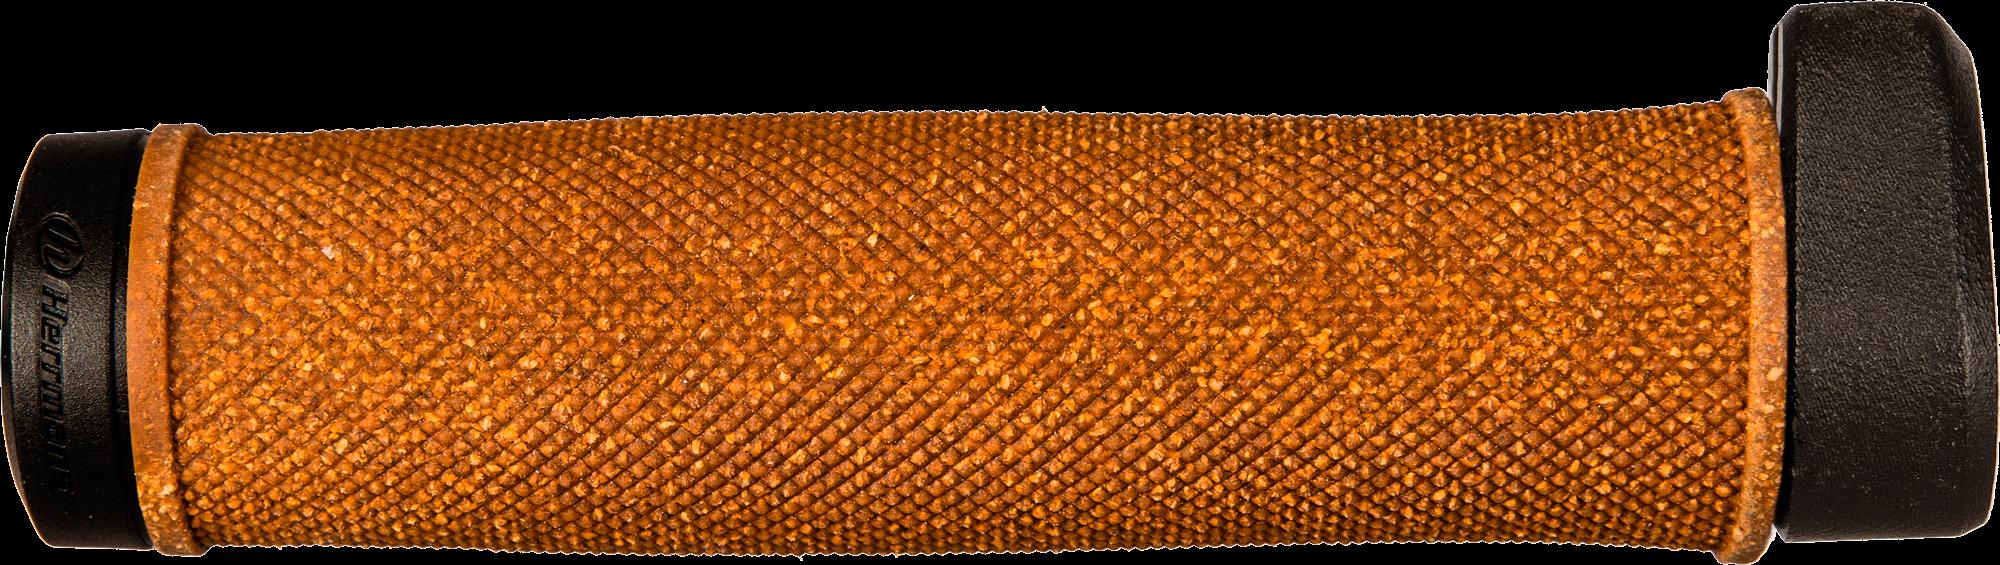 GRIT DD33 CORK